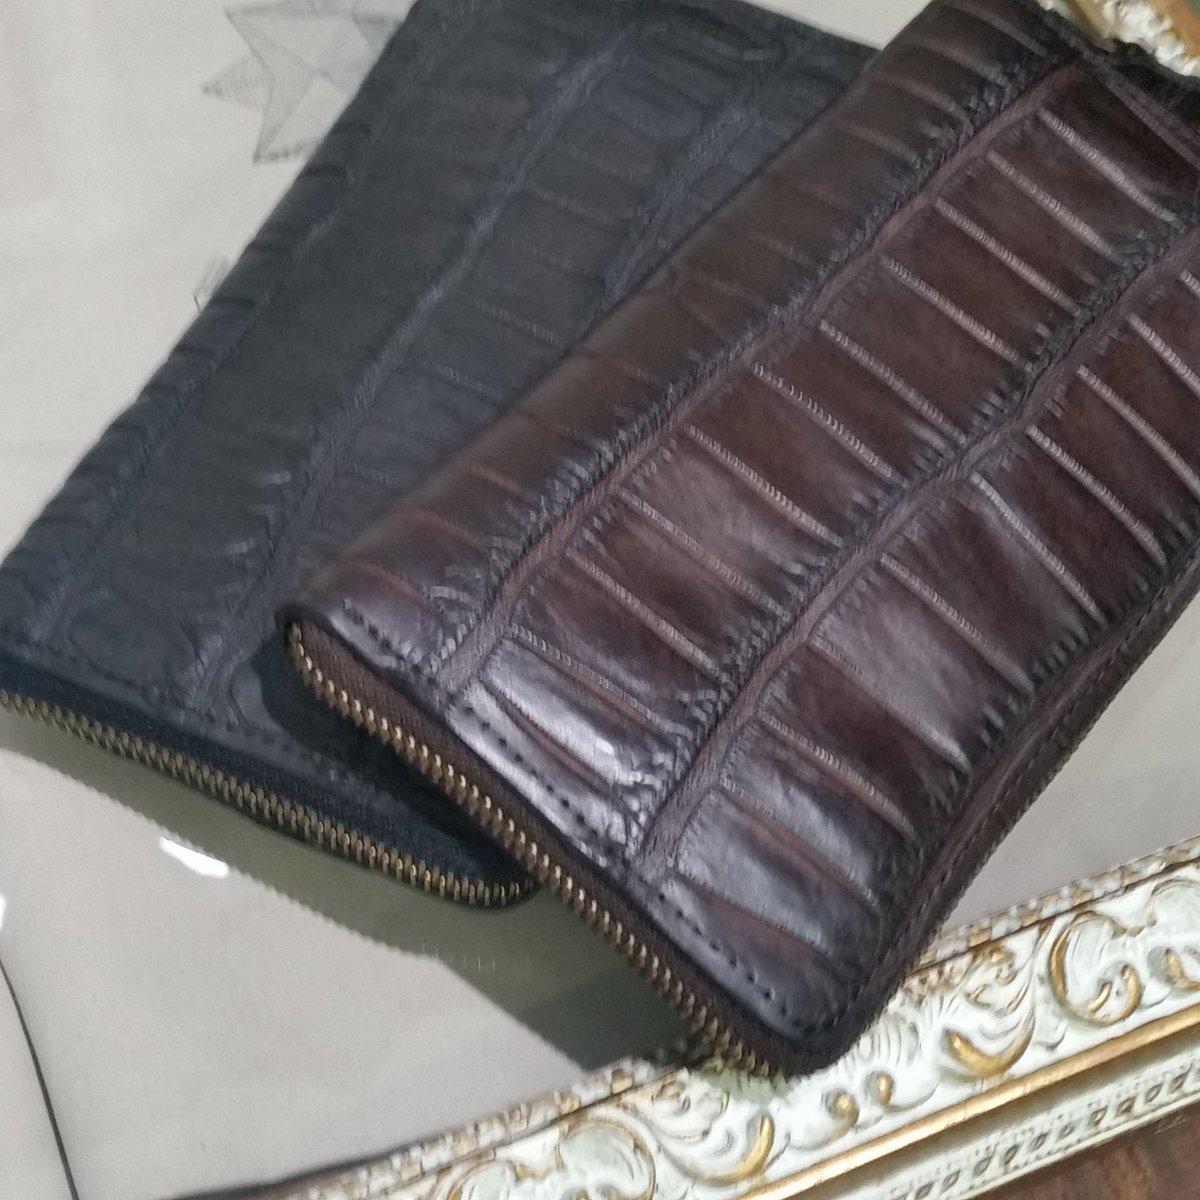 5325099471f1 完売していましたCHRISTIAN PEAUクロコダイル長財布が届きました! カラー展開は一番人気のダークブランとブラックです。 ...